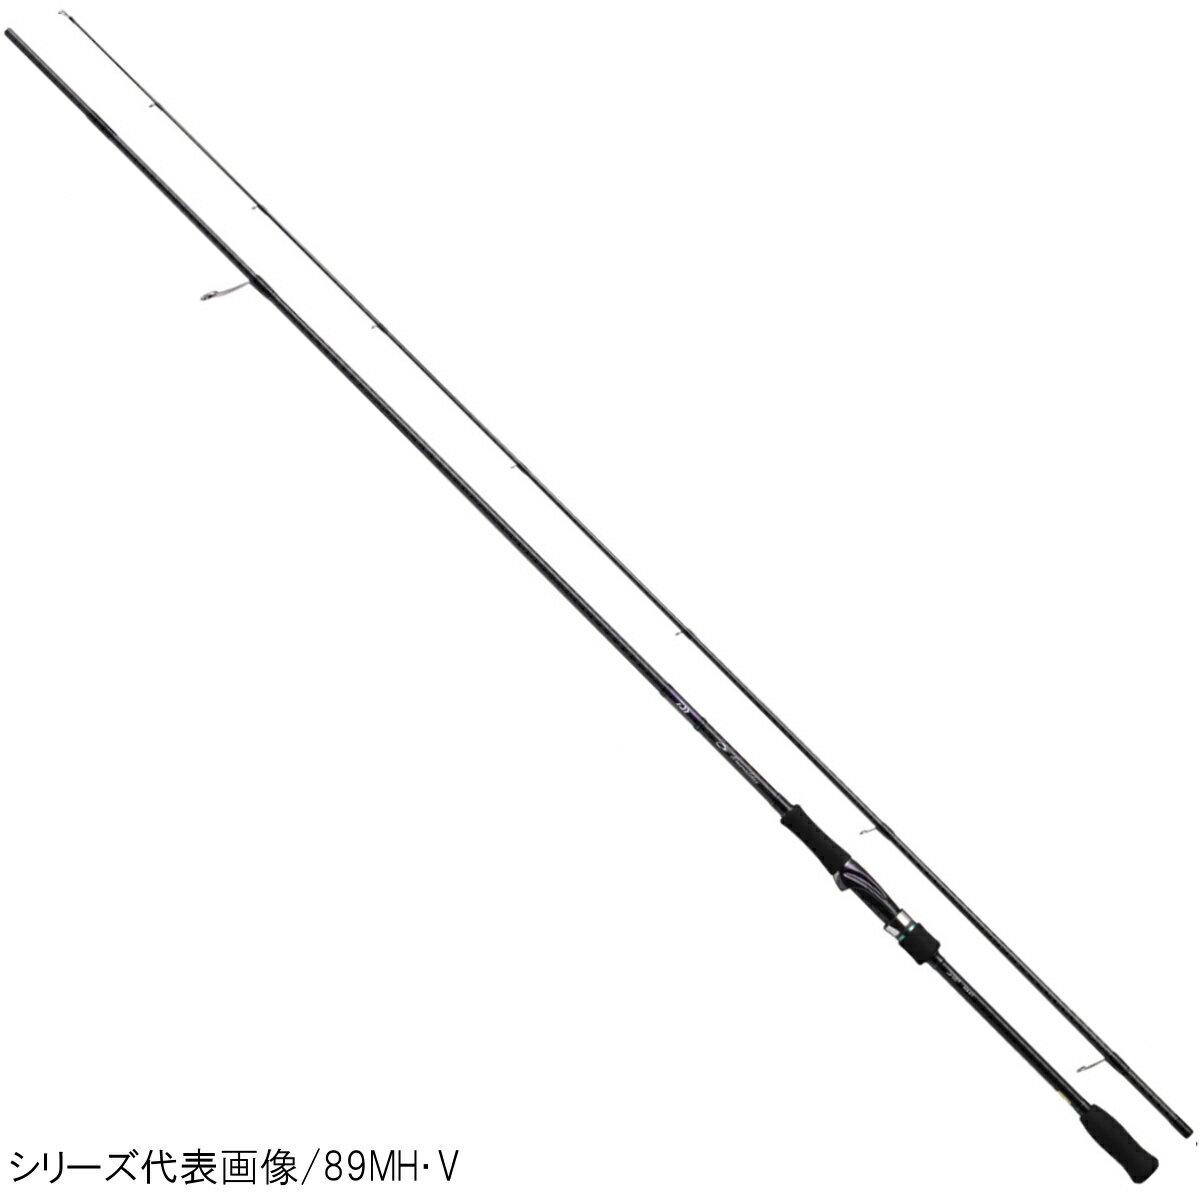 ダイワ エメラルダス 86ML・V【送料無料】